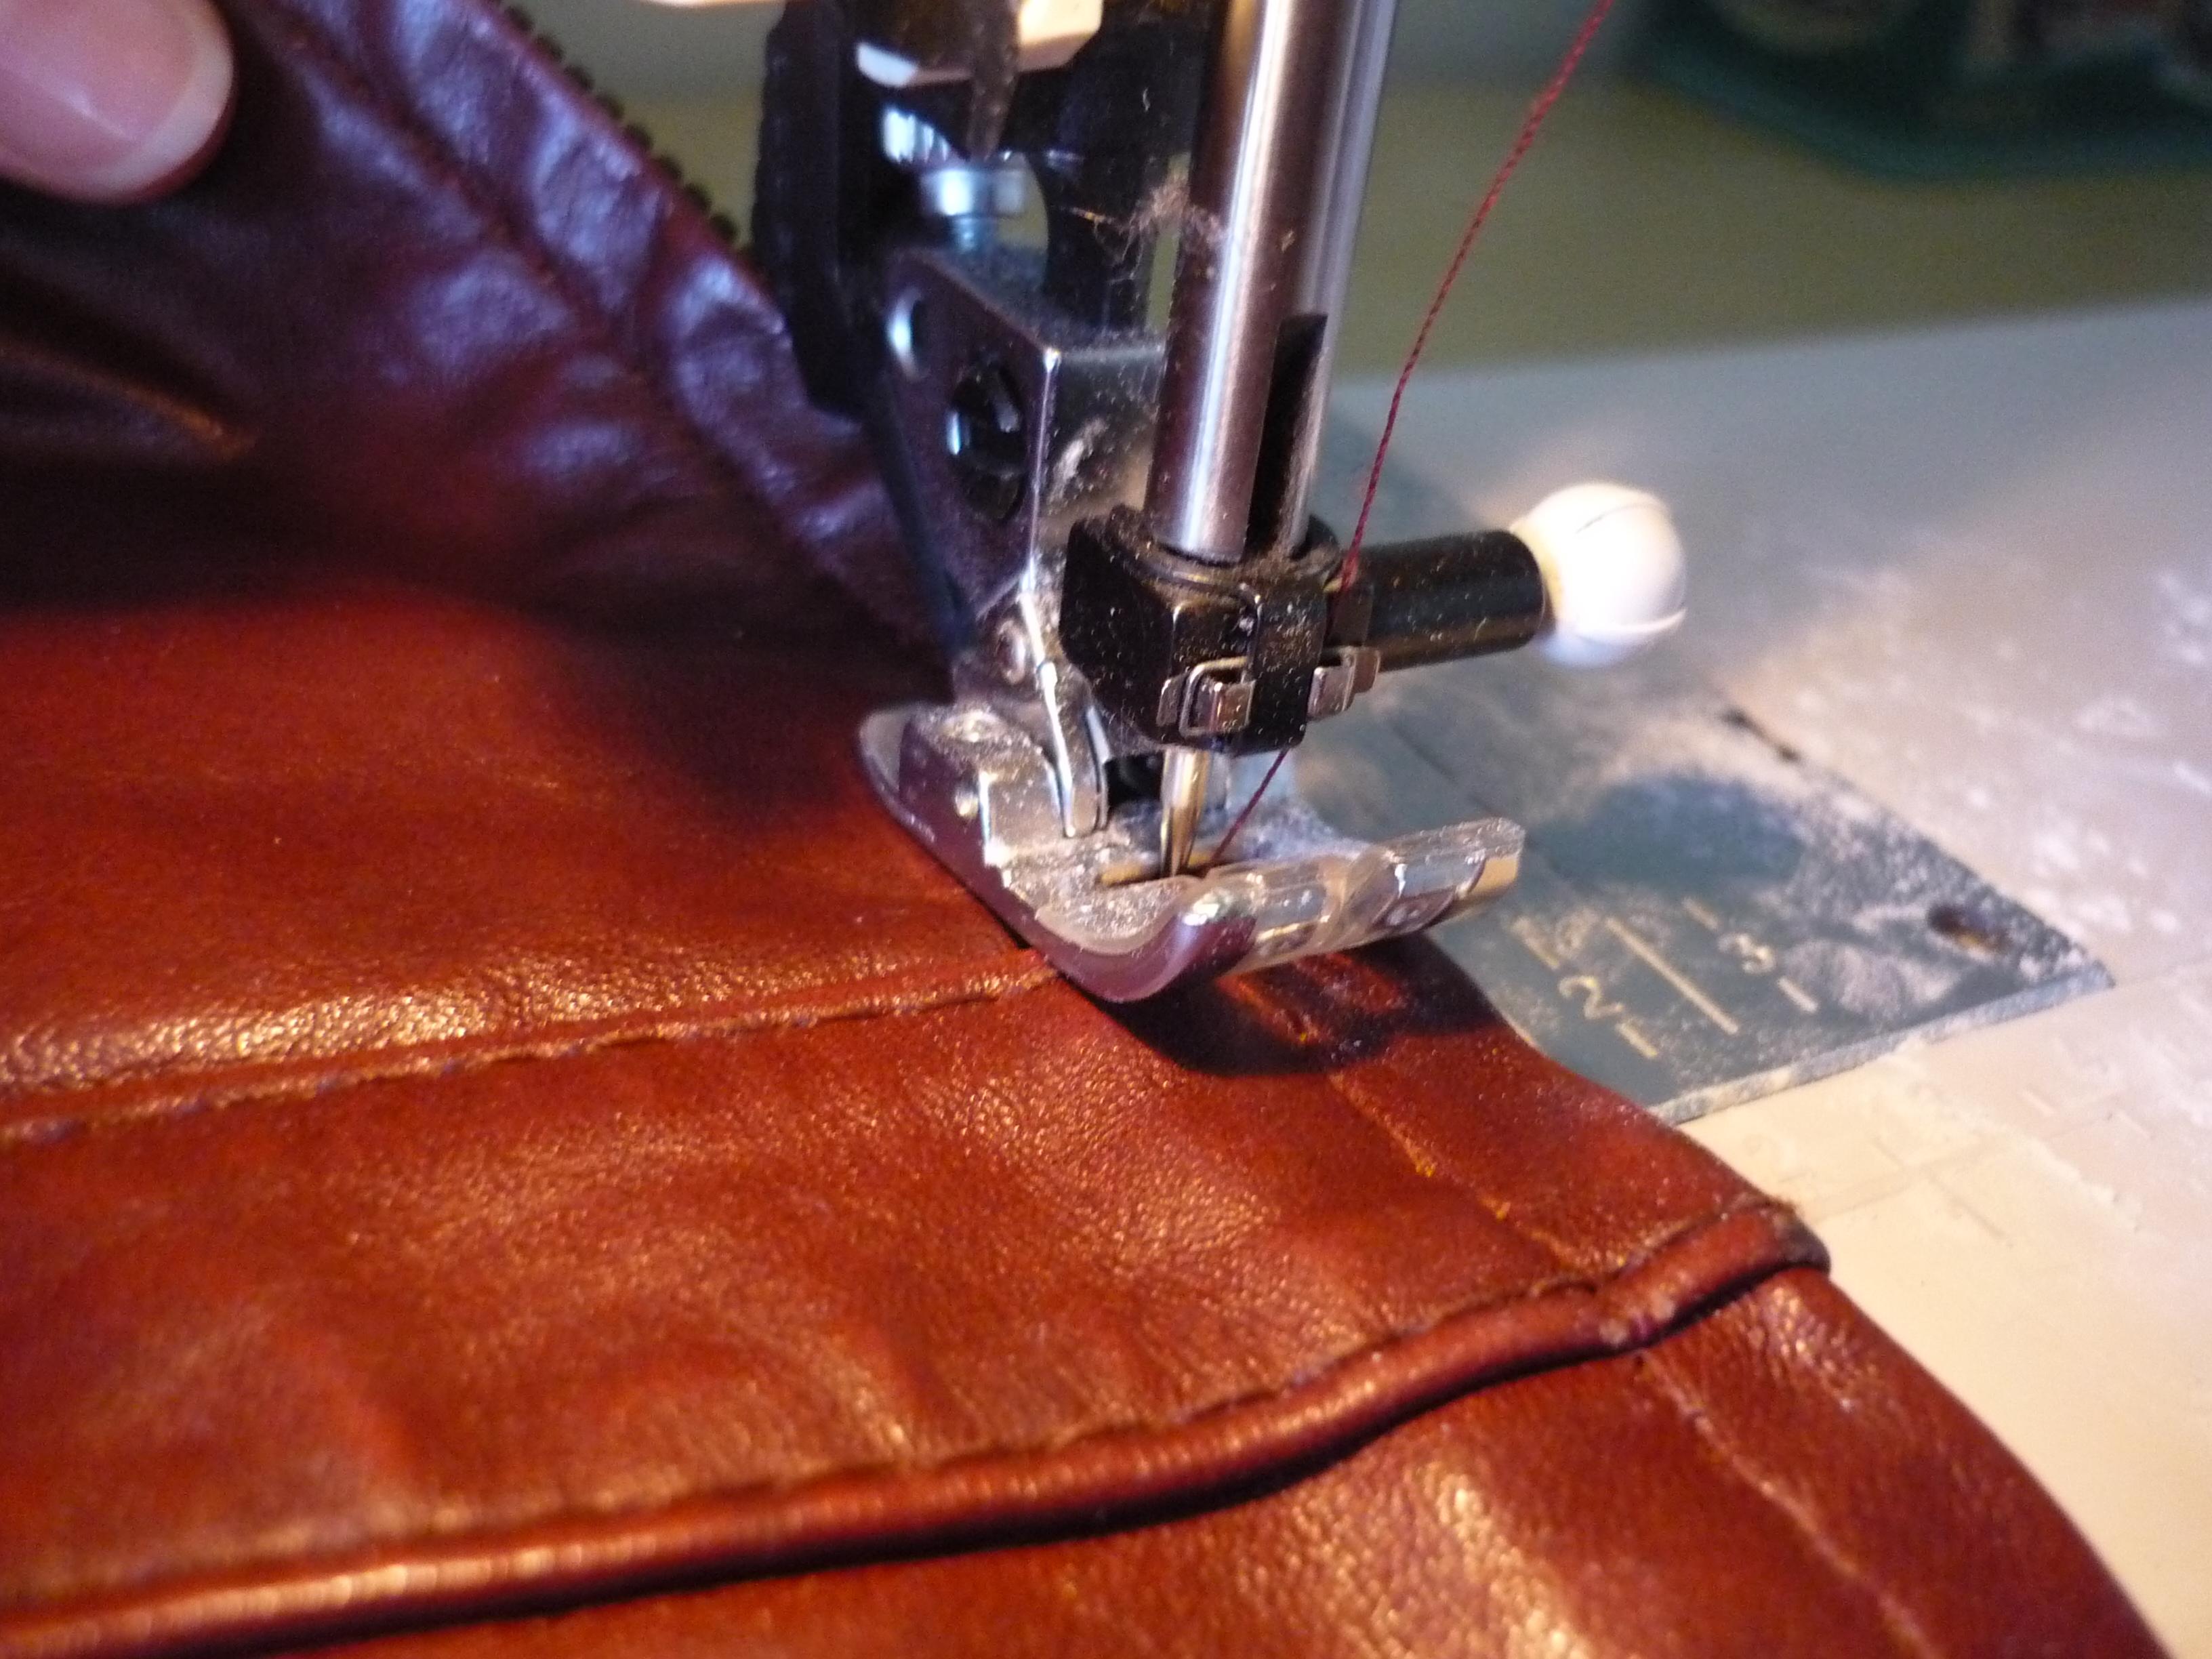 Leather jacket zip repair - Slowly